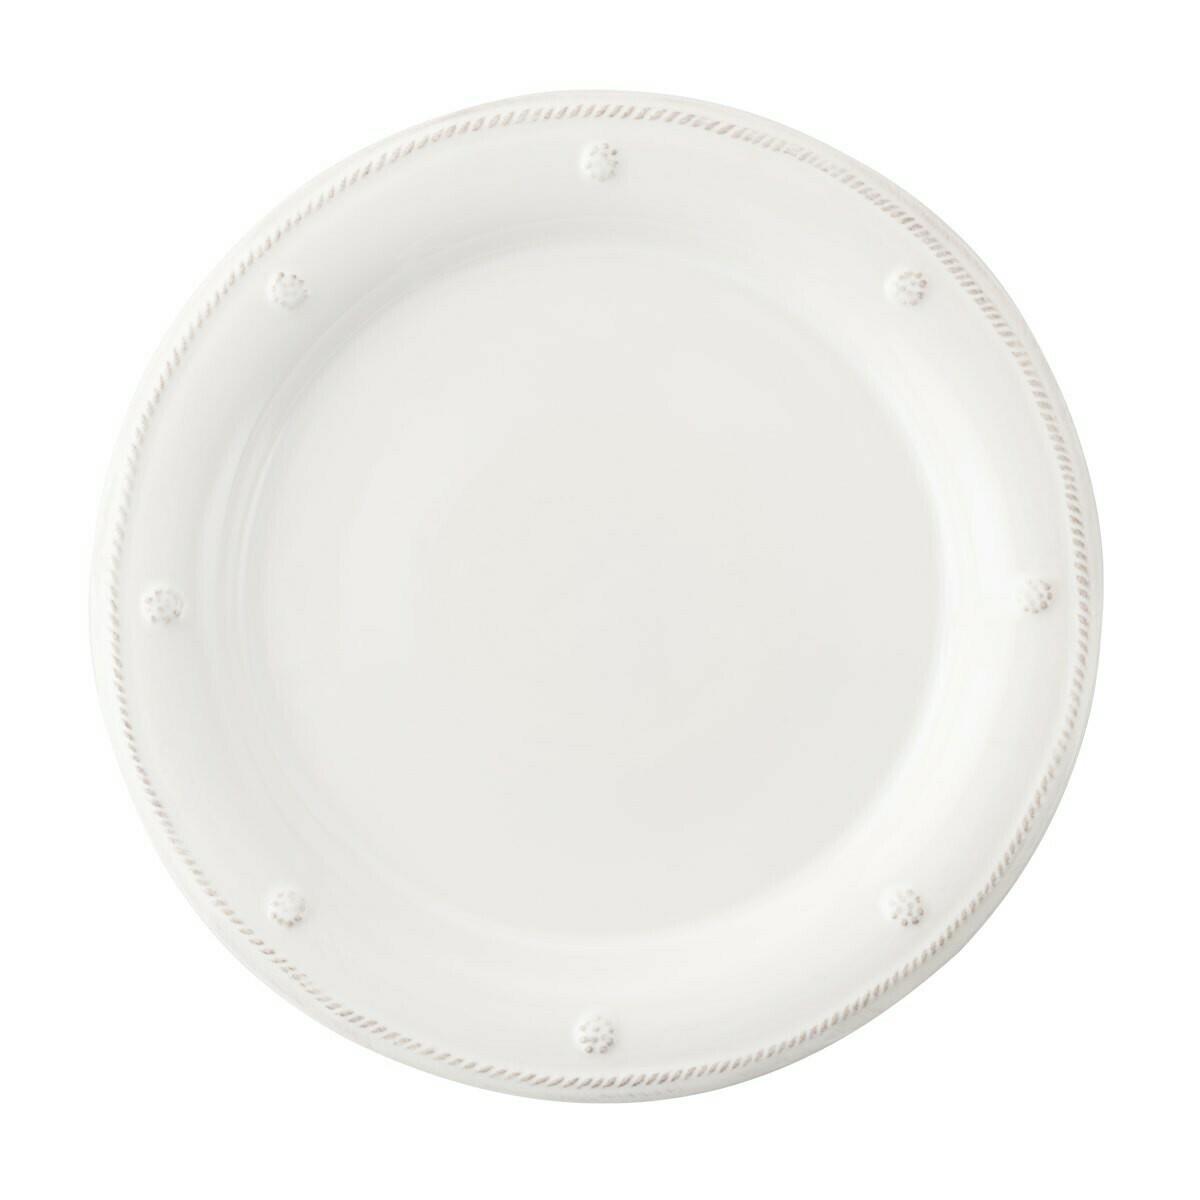 B&T Dessert/Salad Plate #JDSR/W